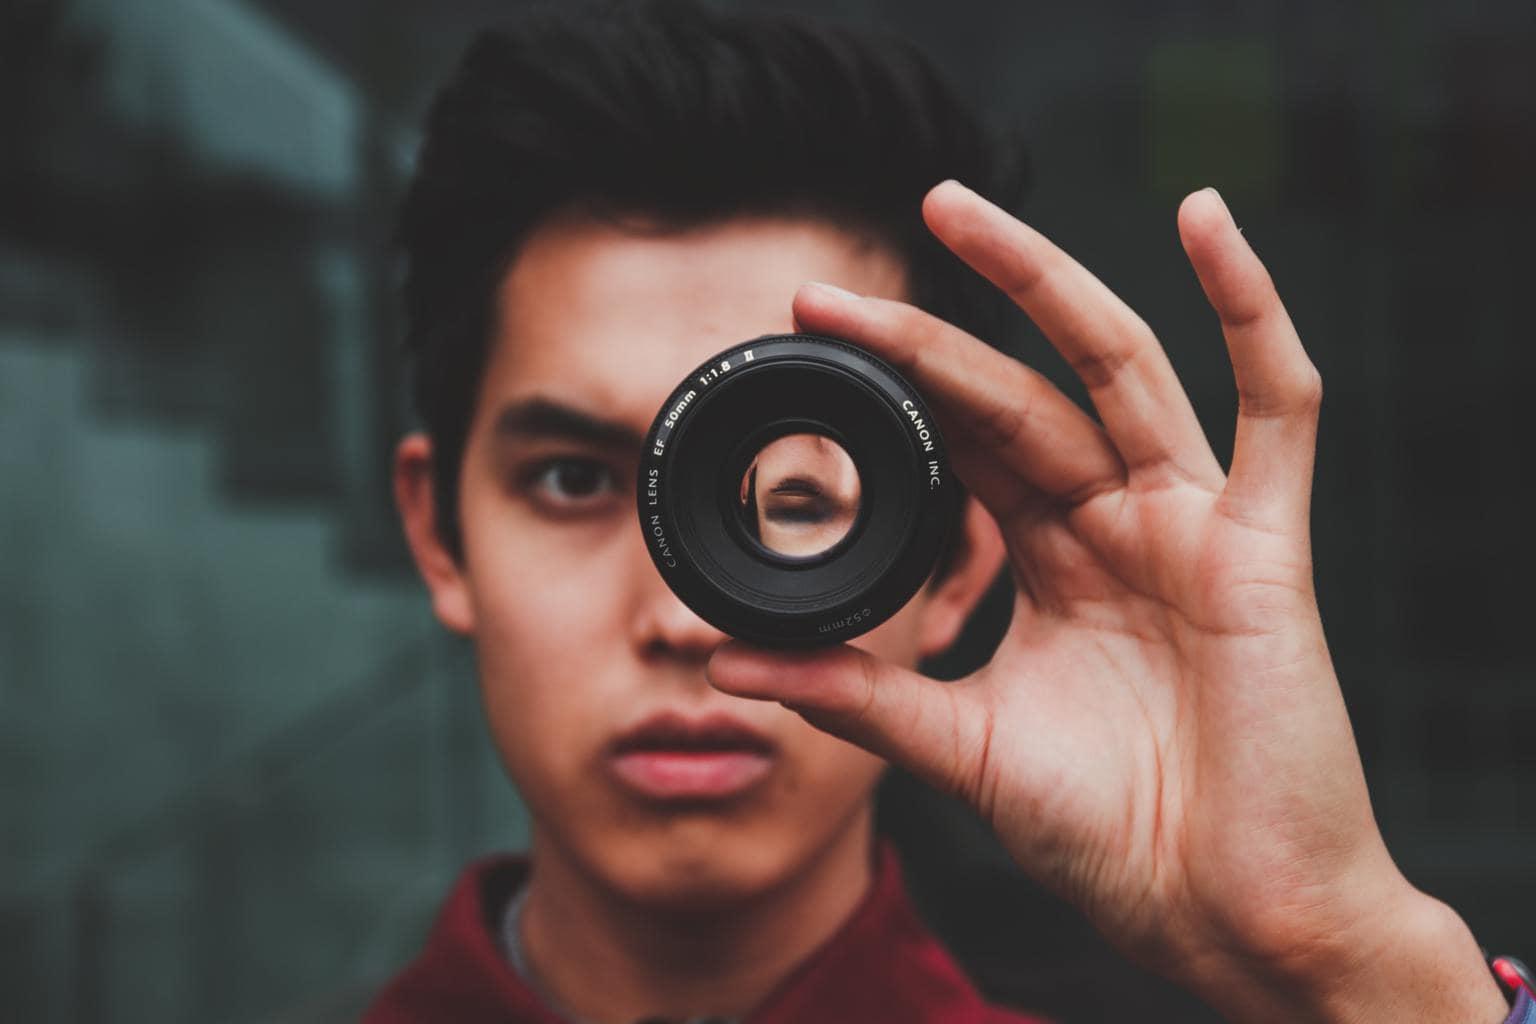 chico mirando a través de objetivo